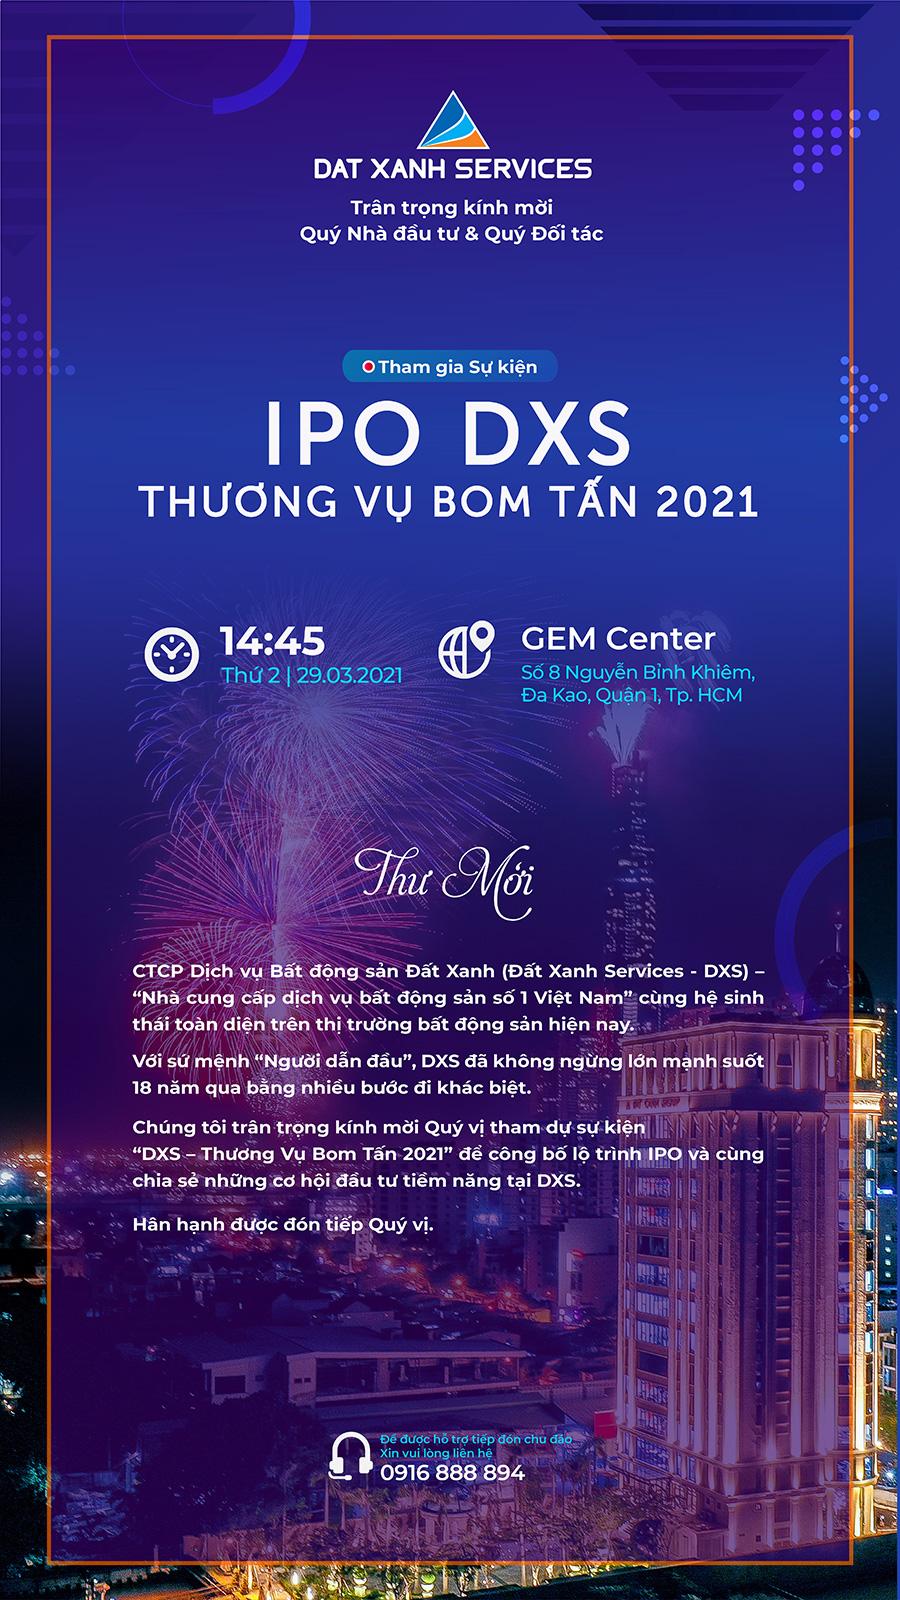 Sự kiện giới thiệu lộ trình IPO DXS - Thương vụ Bom tấn 2021